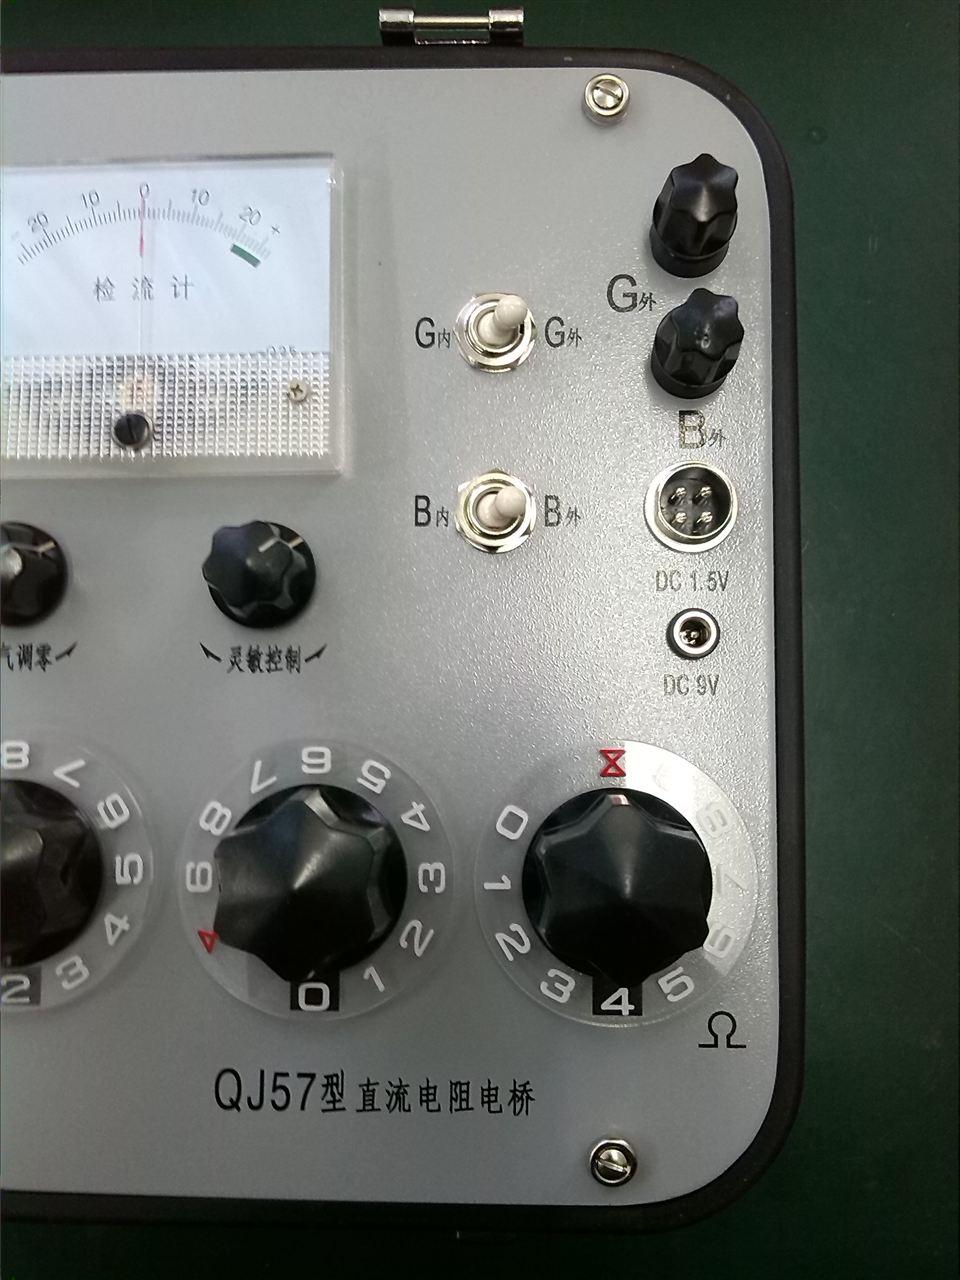 qj57p(qj57-1) 上海qj57p交直流两用双臂电桥,qj57环保型电桥,qj57p